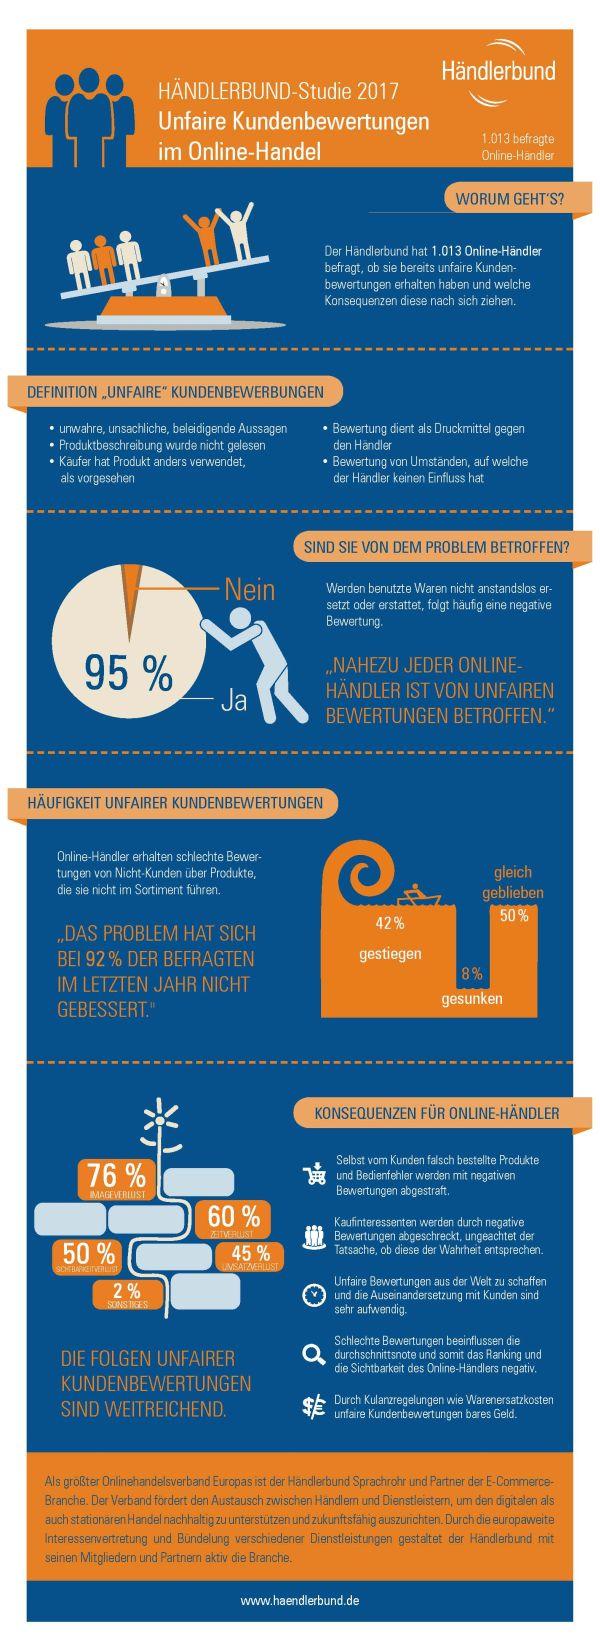 infografik_unfaire_kundenbewertungen_600px.jpg